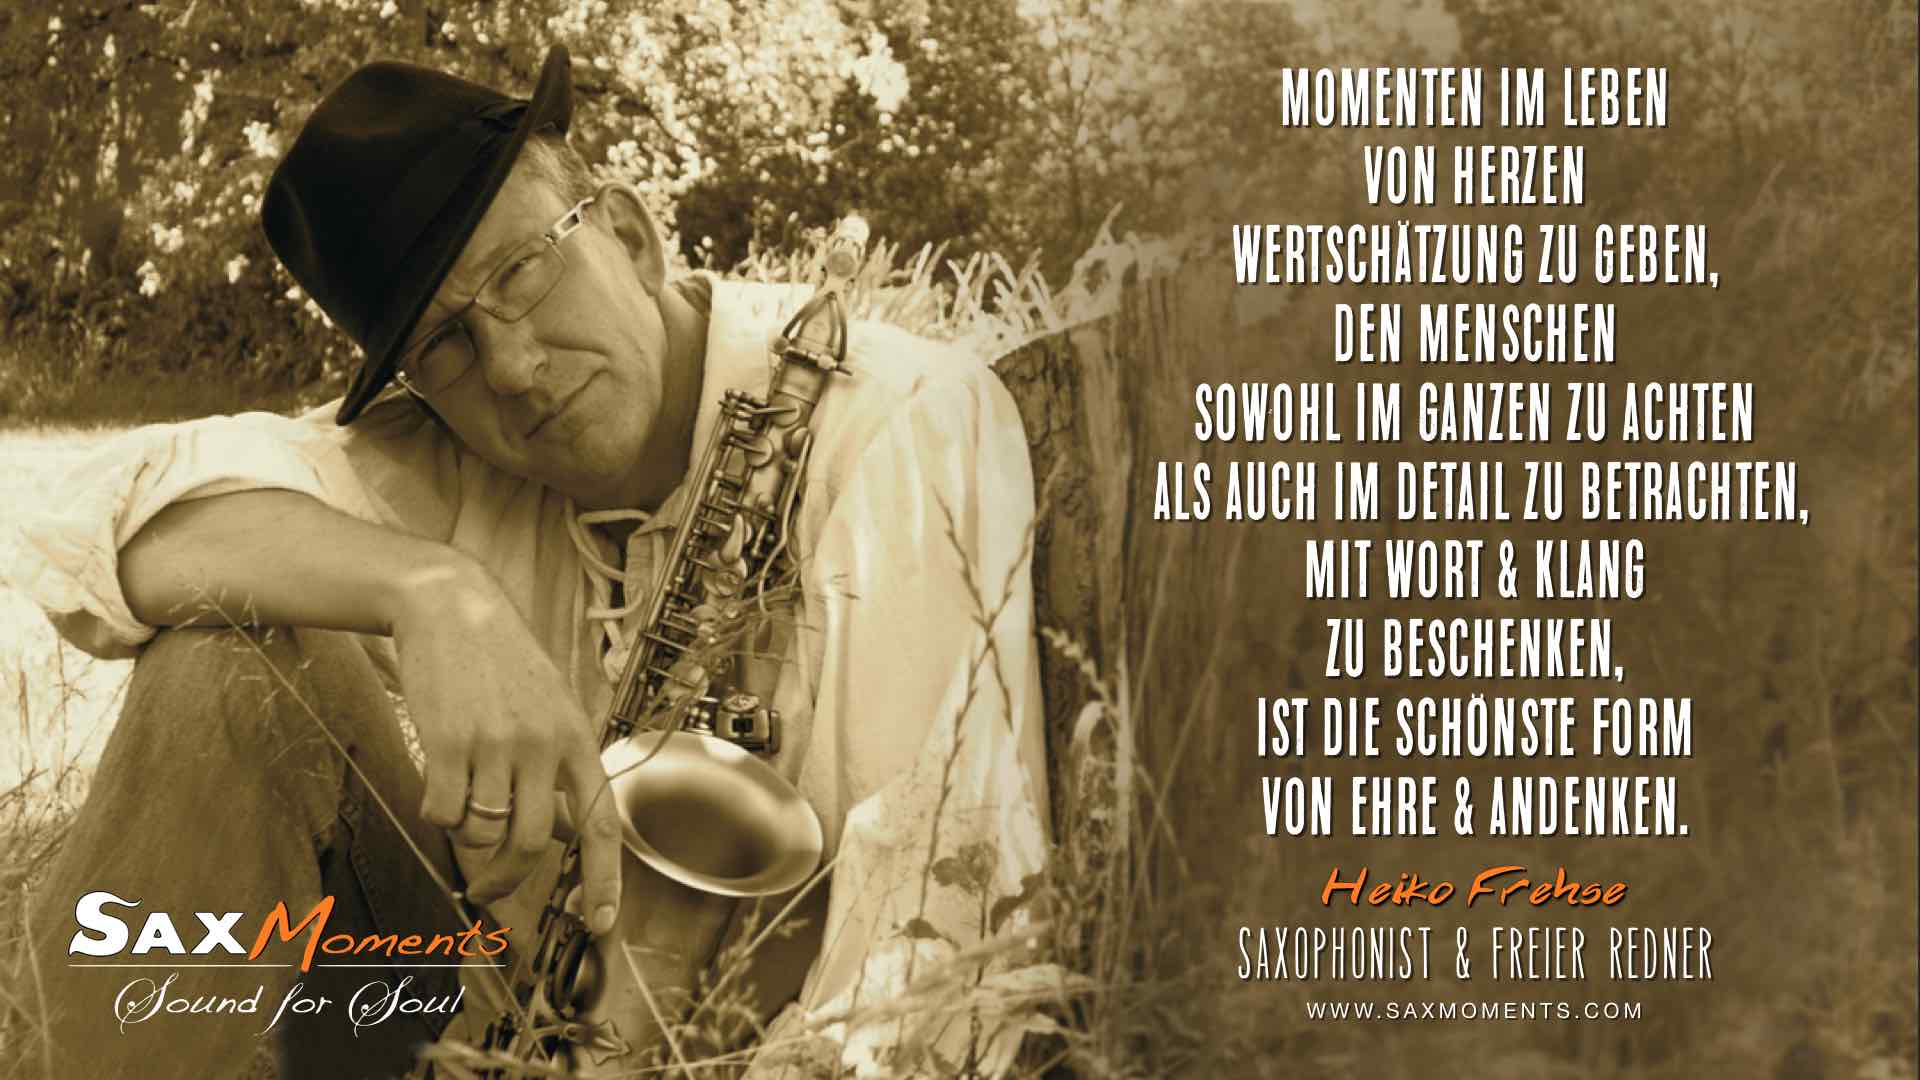 Heiko Frehse, freier Trauerredner & Saxophonist in Hamburg, Lüneburg und Kaltenkirchen.